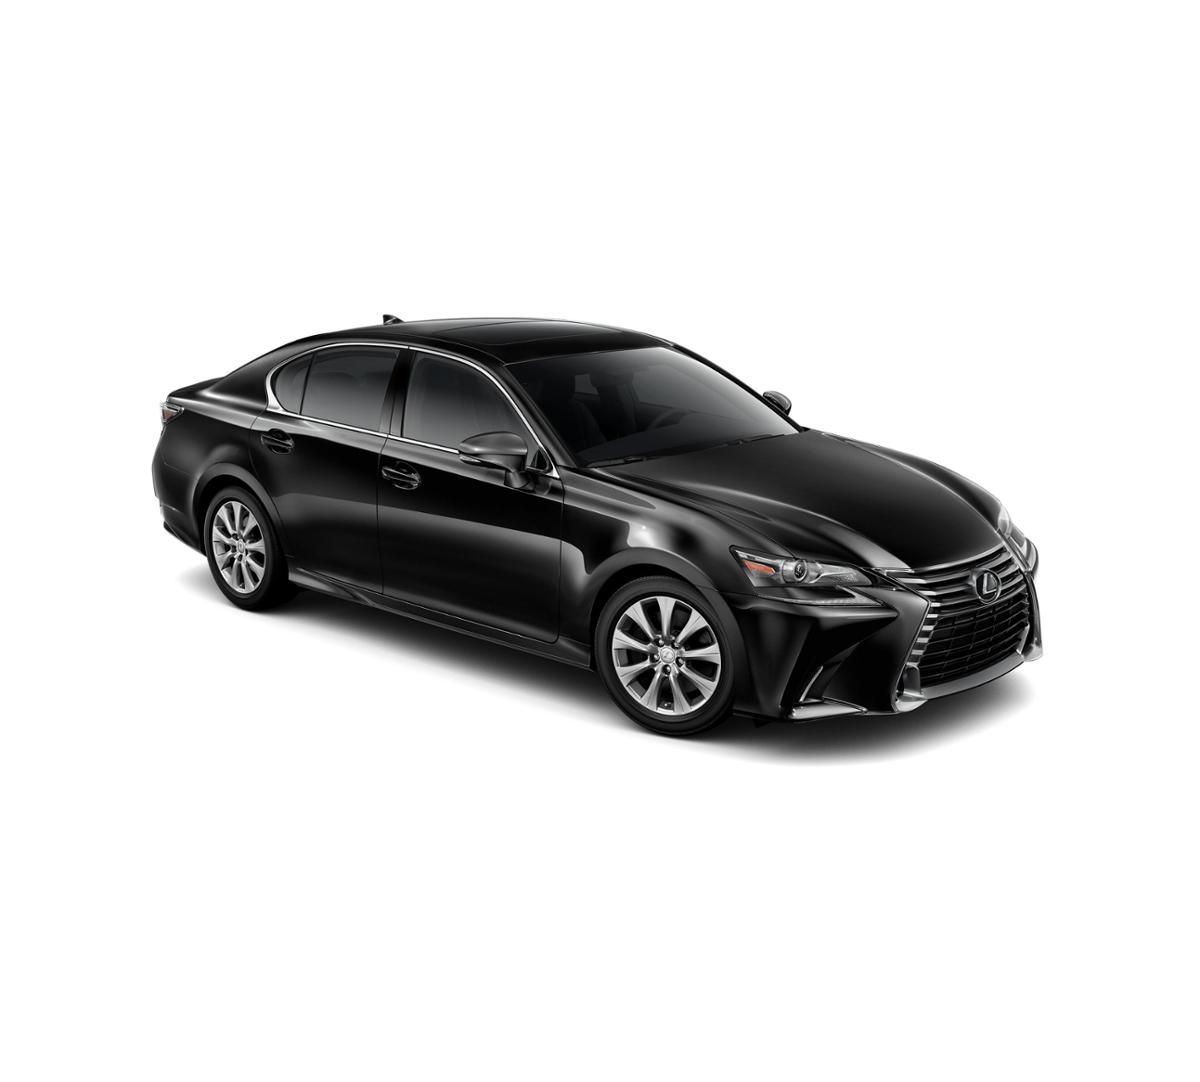 Owings Mills Lexus >> Owings Mills Caviar 2017 Lexus GS 350: New Car for Sale ...